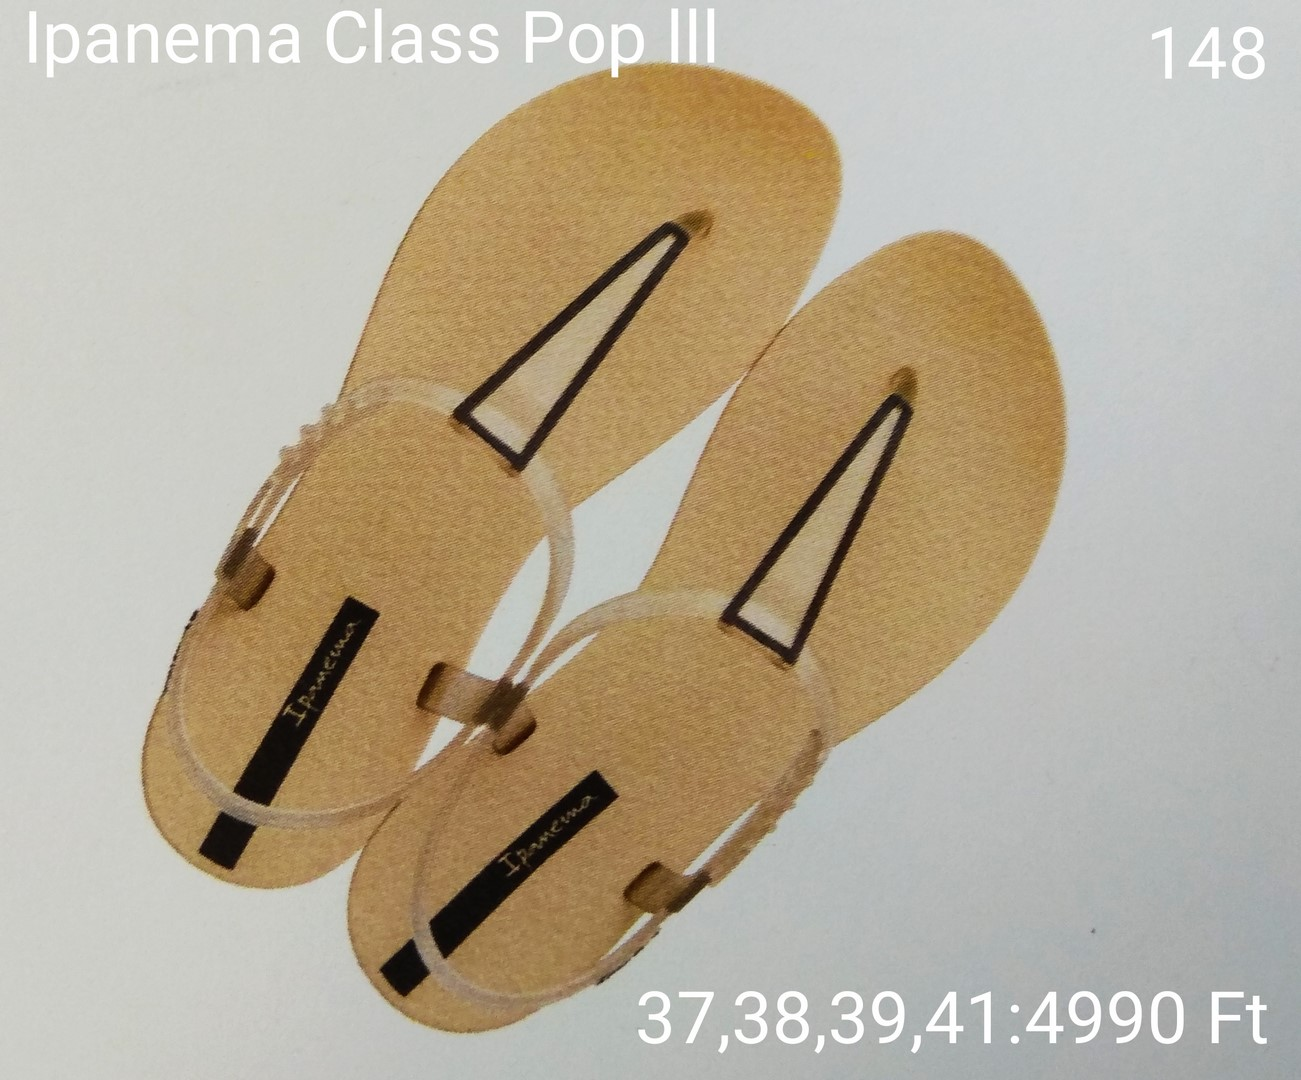 Ipanema Class Pop lll